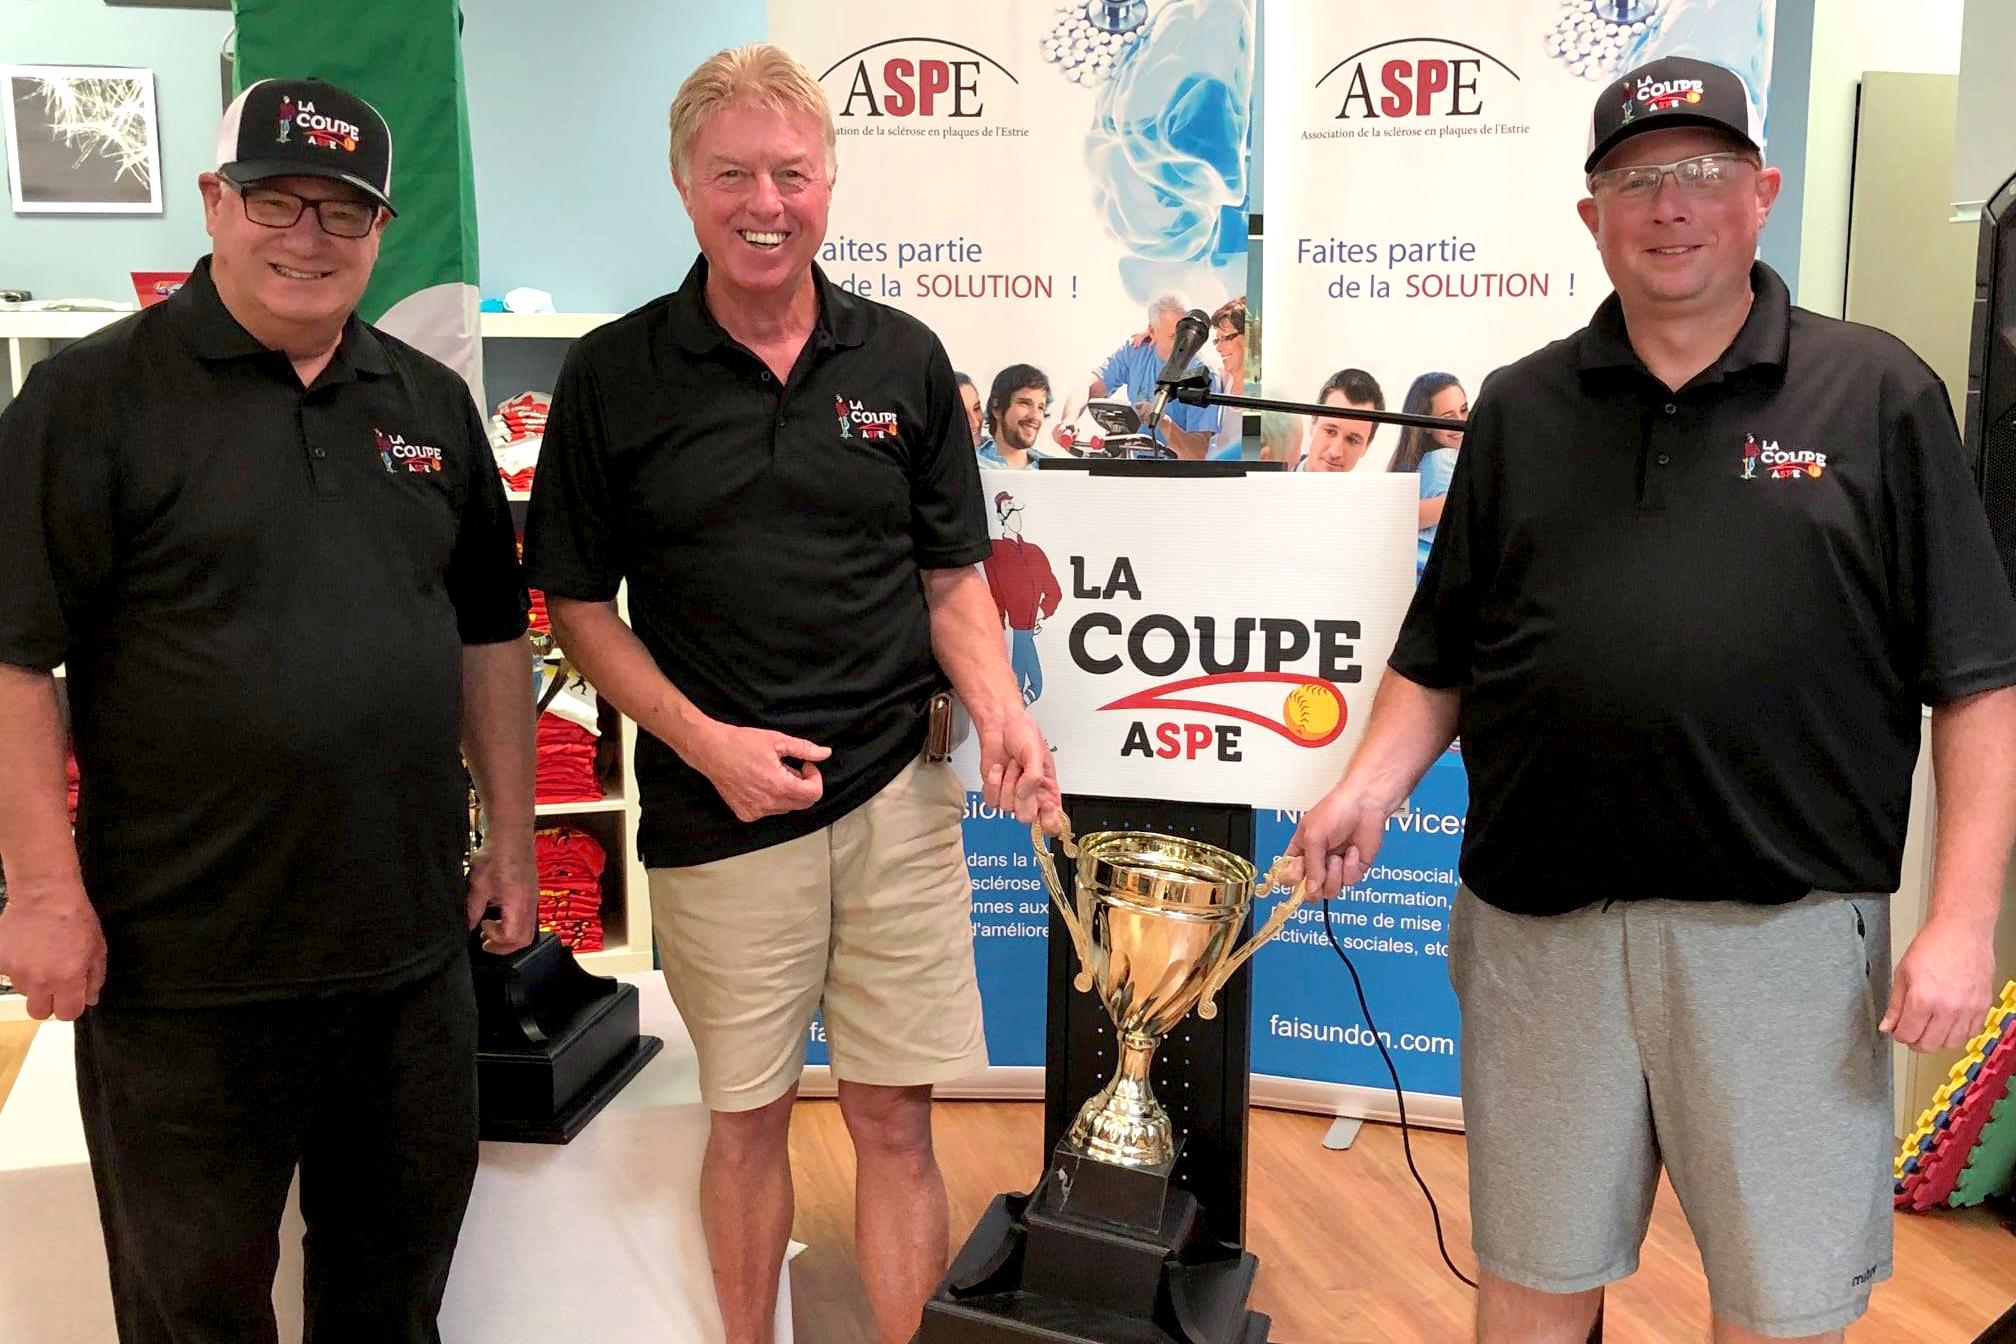 La Coupe ASPE est fière d'annoncer sa collaboration avec La Classique Pif des portes Makie et Sports-Trans Action